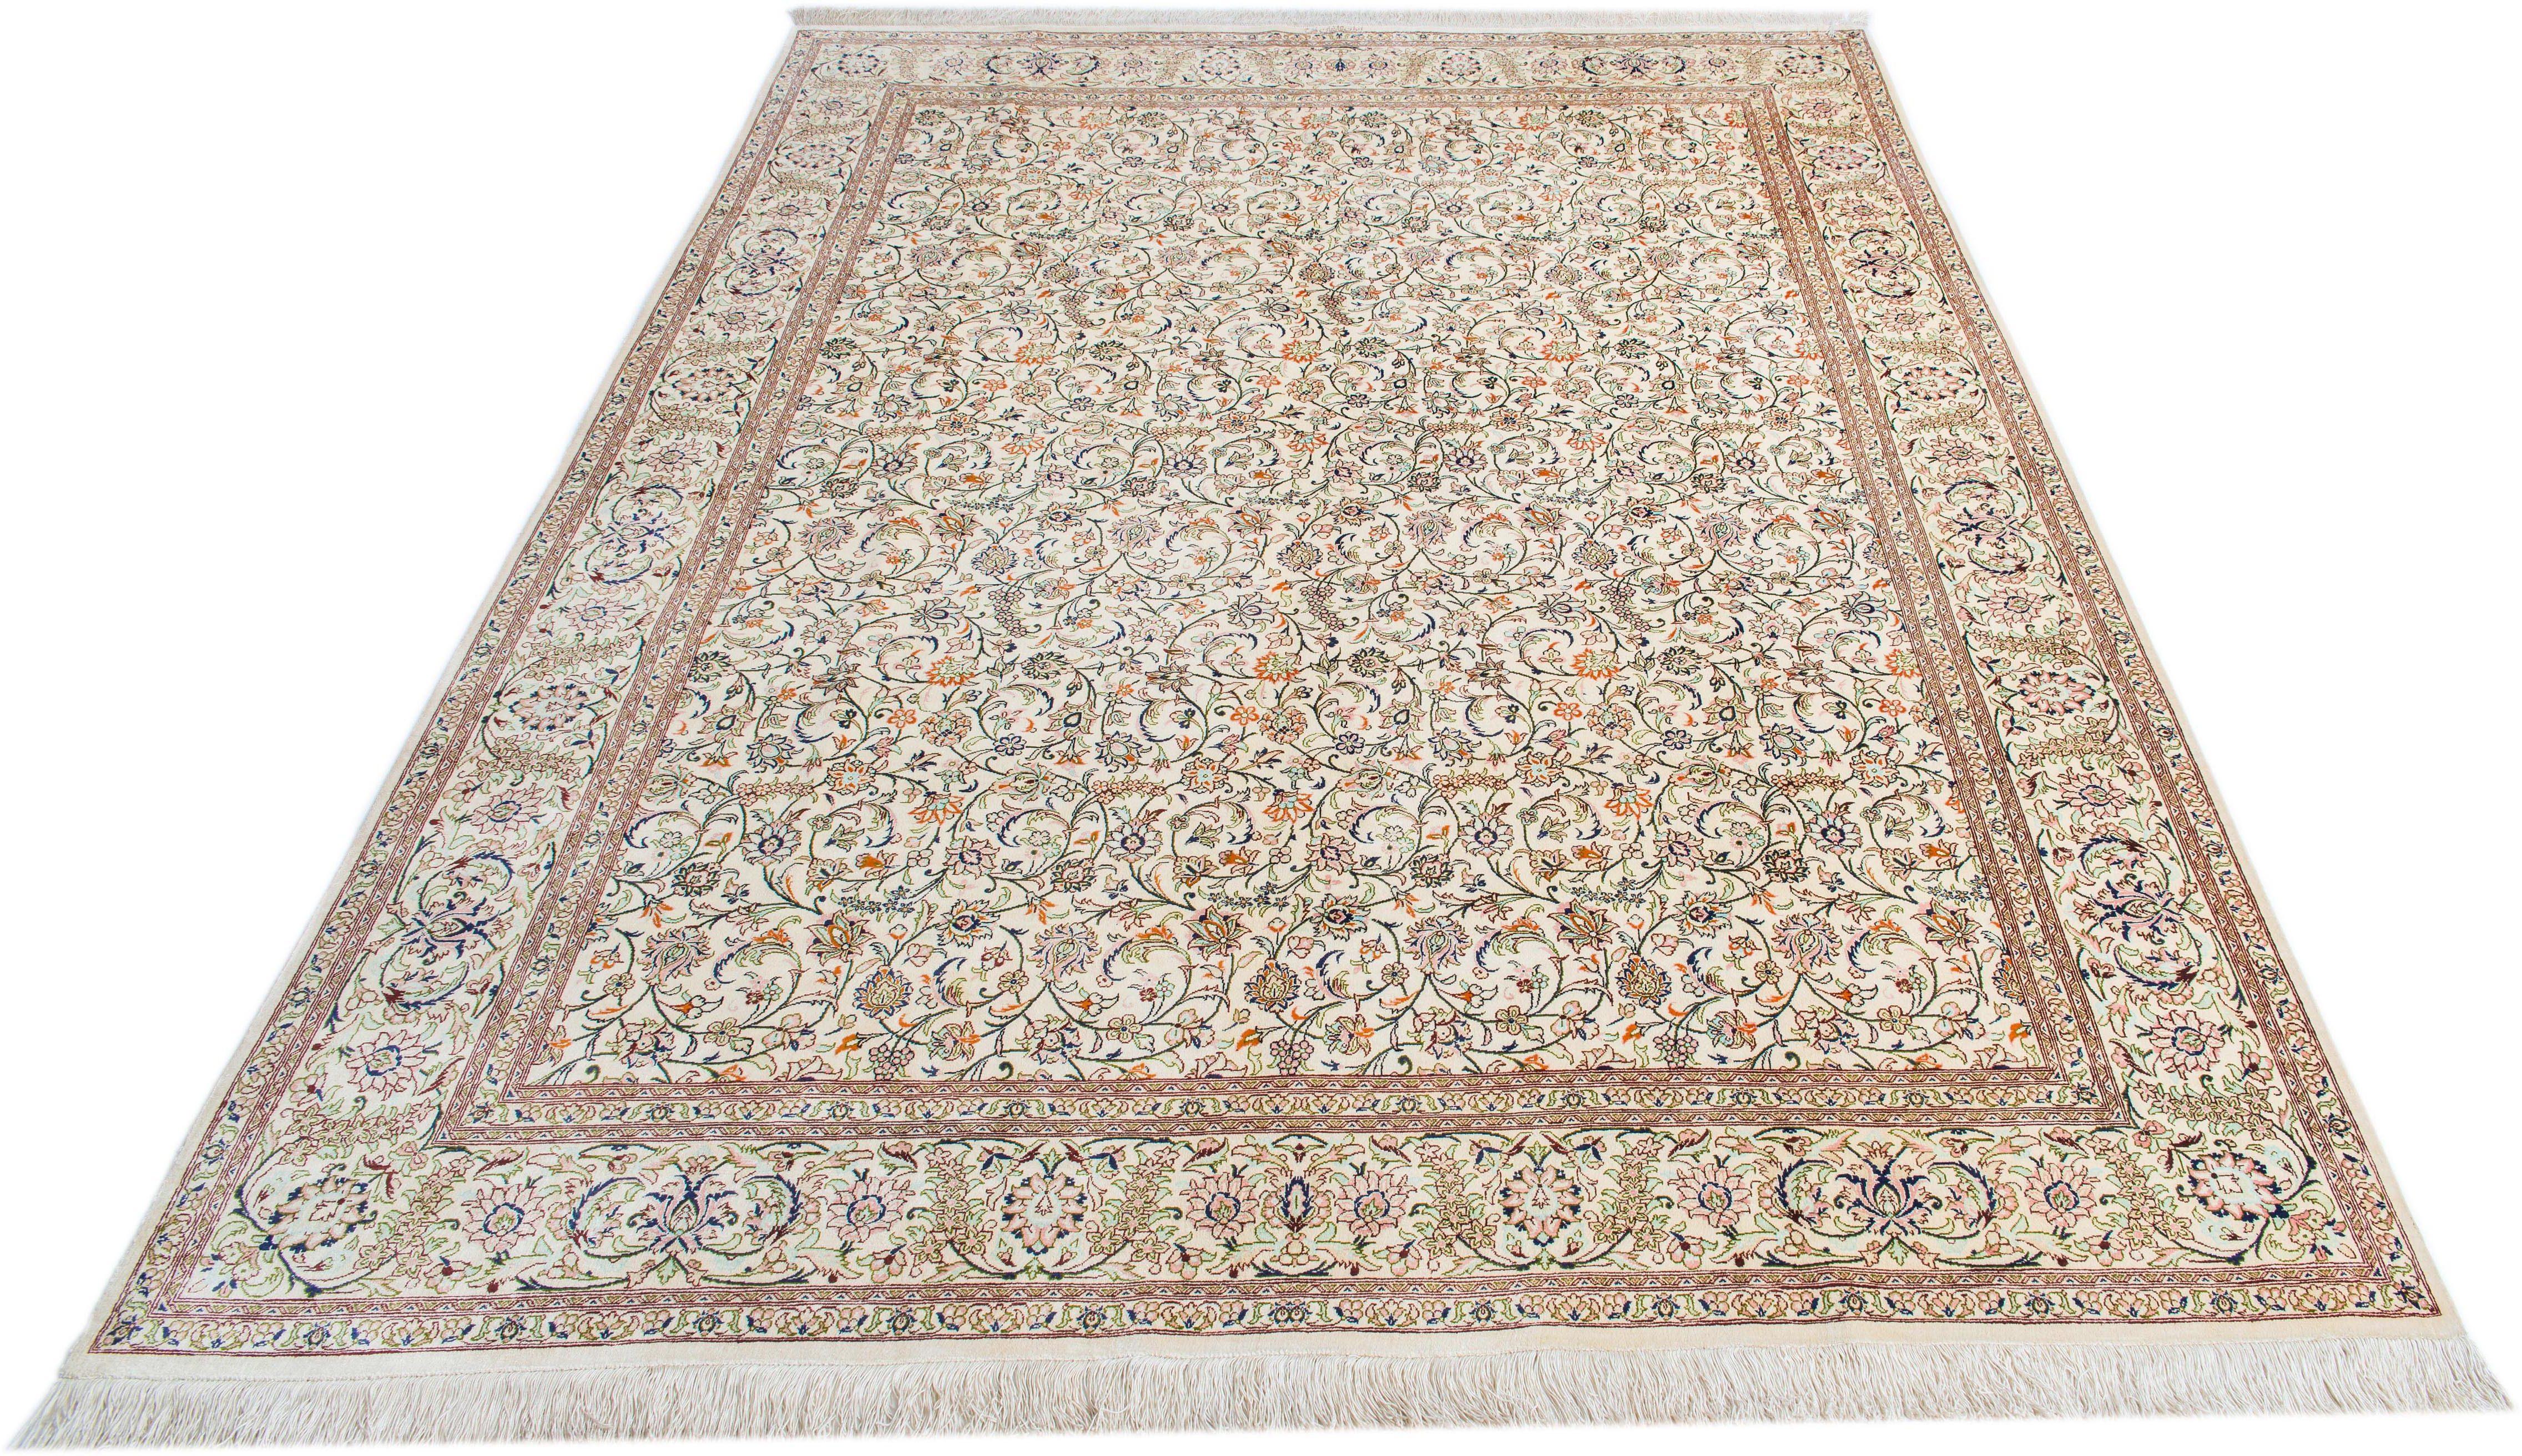 Orientteppich »Kashan Fallah«, Parwis, rechteckig, Höhe 15 mm, echt Seide, 1.000.000 Knoten/m²